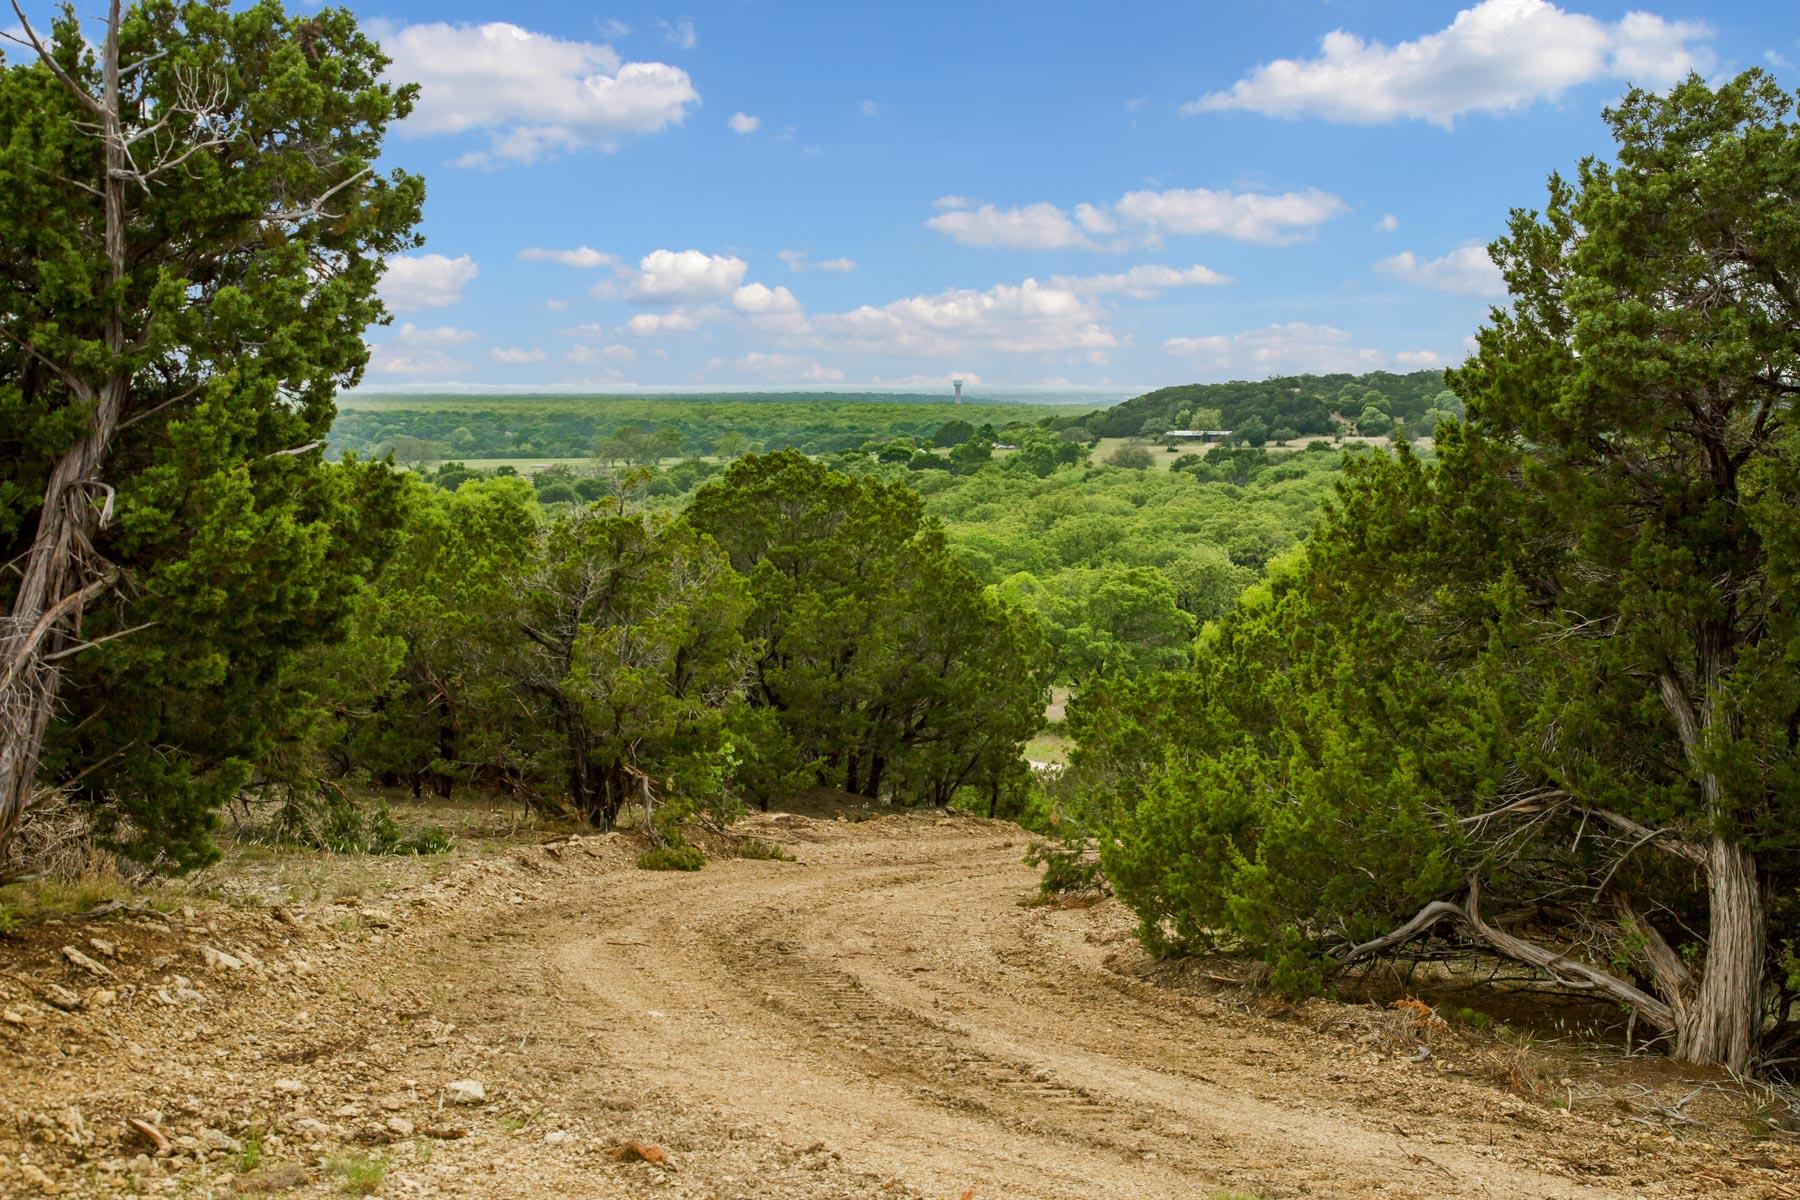 Terreno por un Venta en 8875 Massey Rd, Granbury Granbury, Texas 76049 Estados Unidos